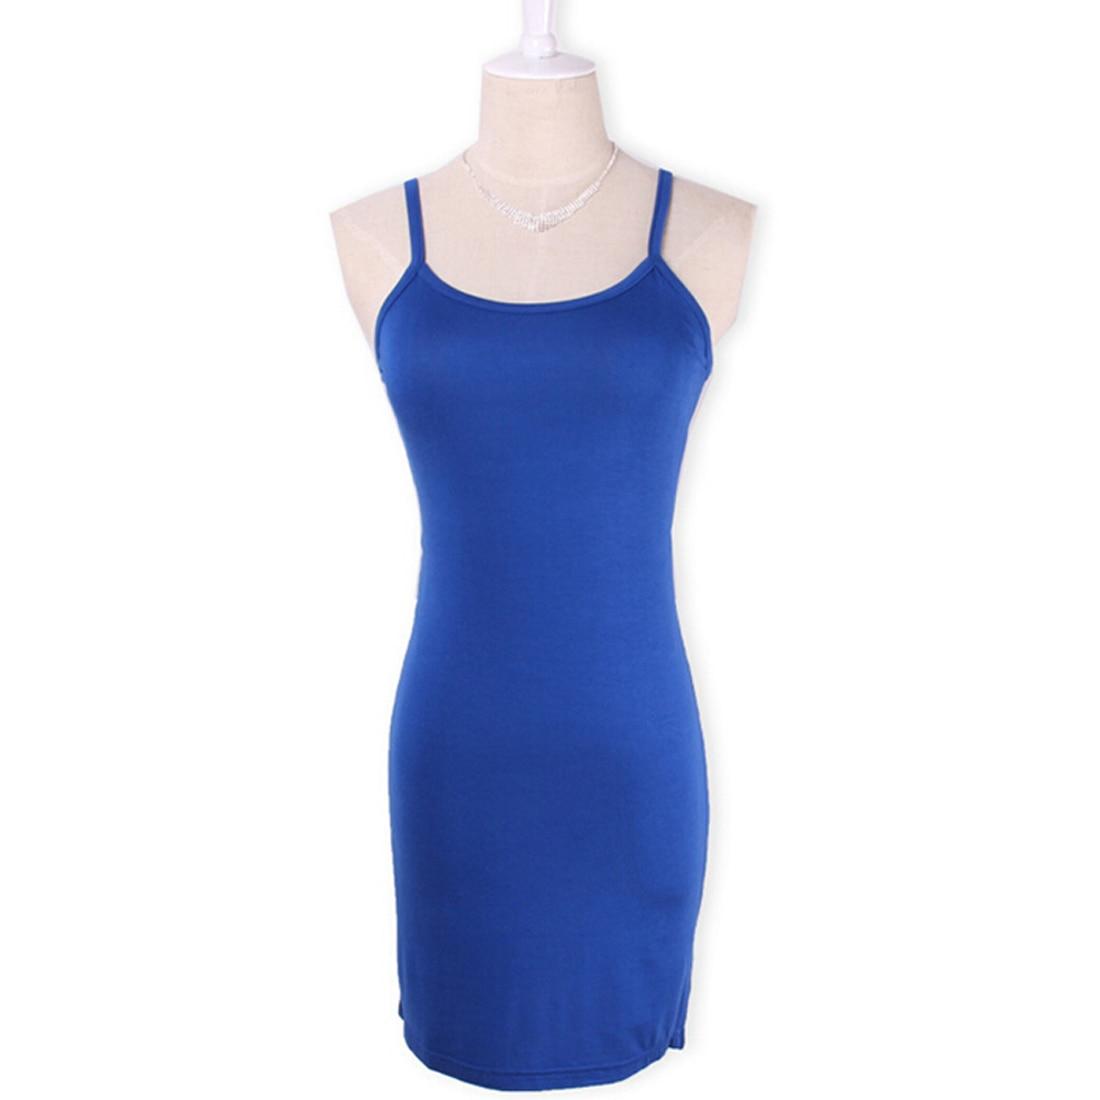 Новинка, Женская эластичная кофточка на бретельках, Длинный топ на бретелях, Мини Короткое платье, летнее повседневное сексуальное платье без рукавов для женщин - Цвет: royal blue